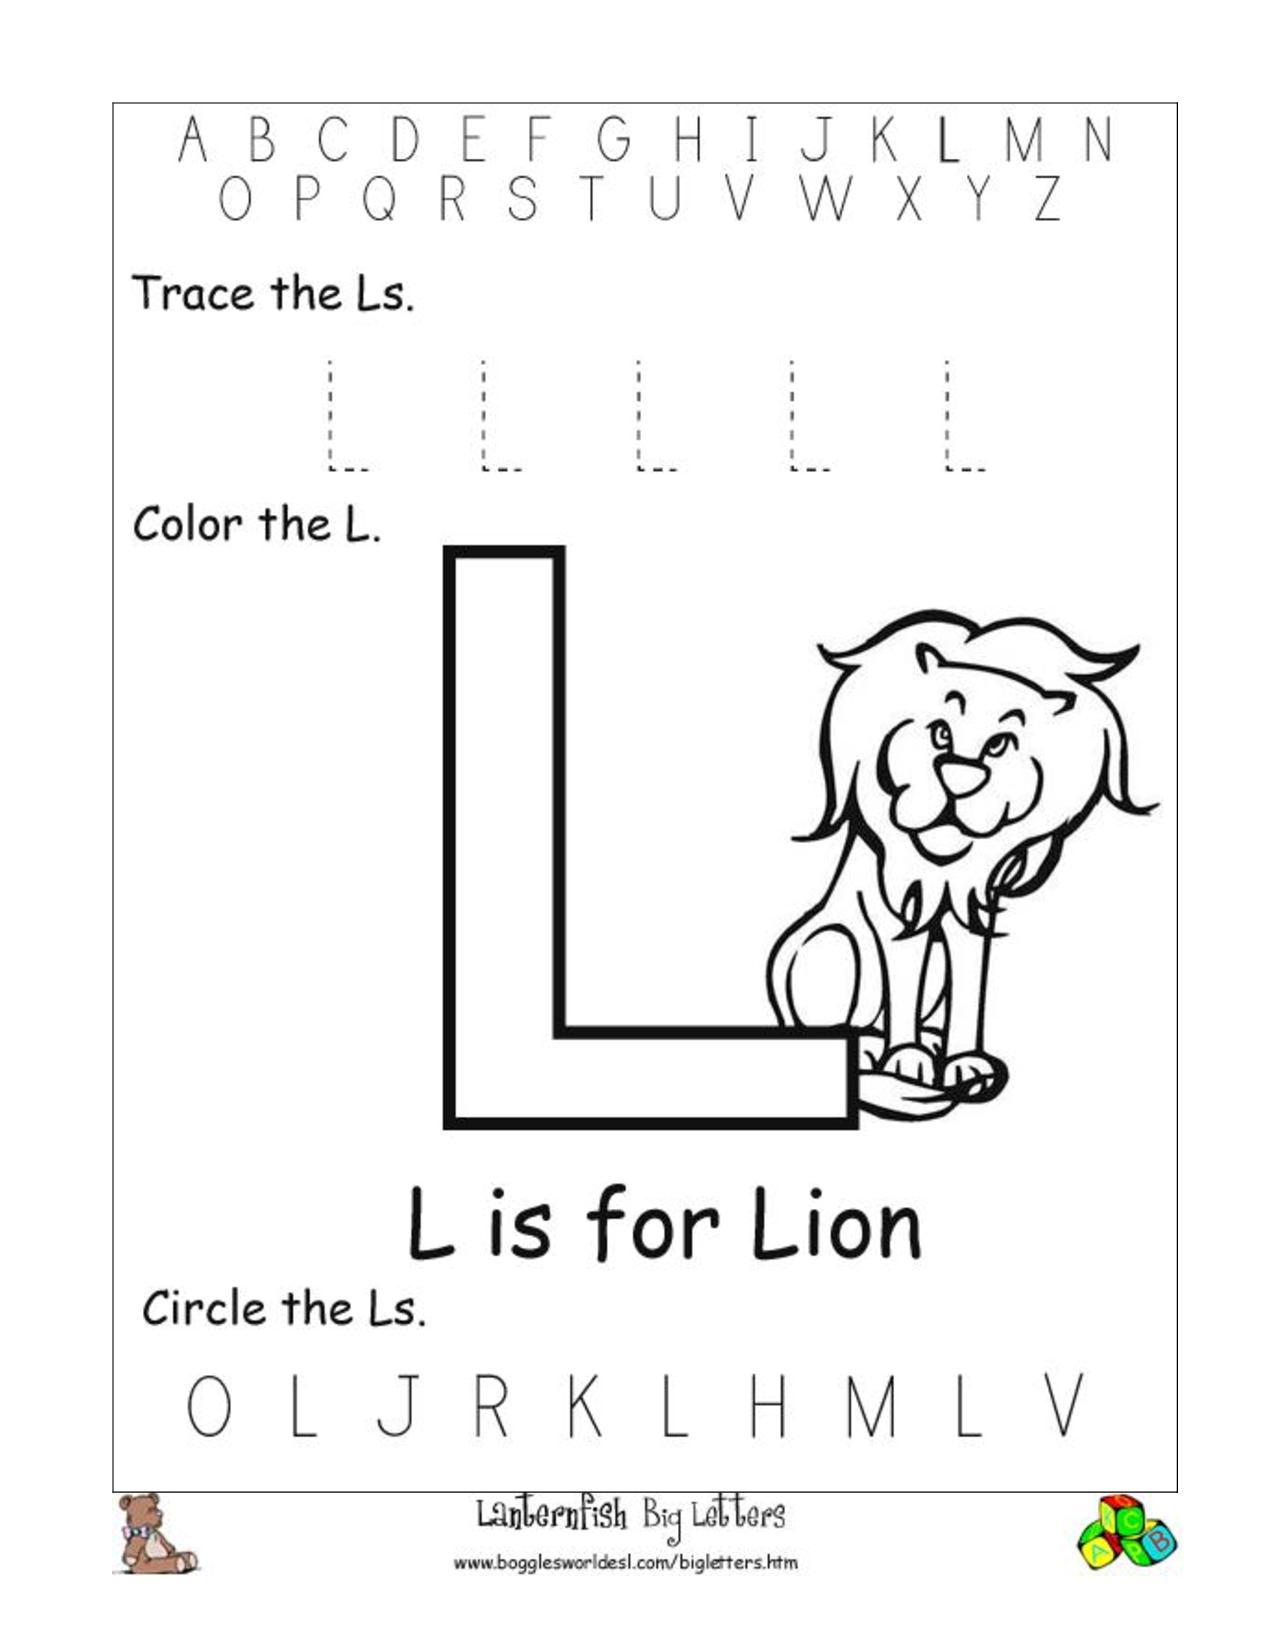 Dazzling Preschool Letter L Worksheets 24 1 Printable